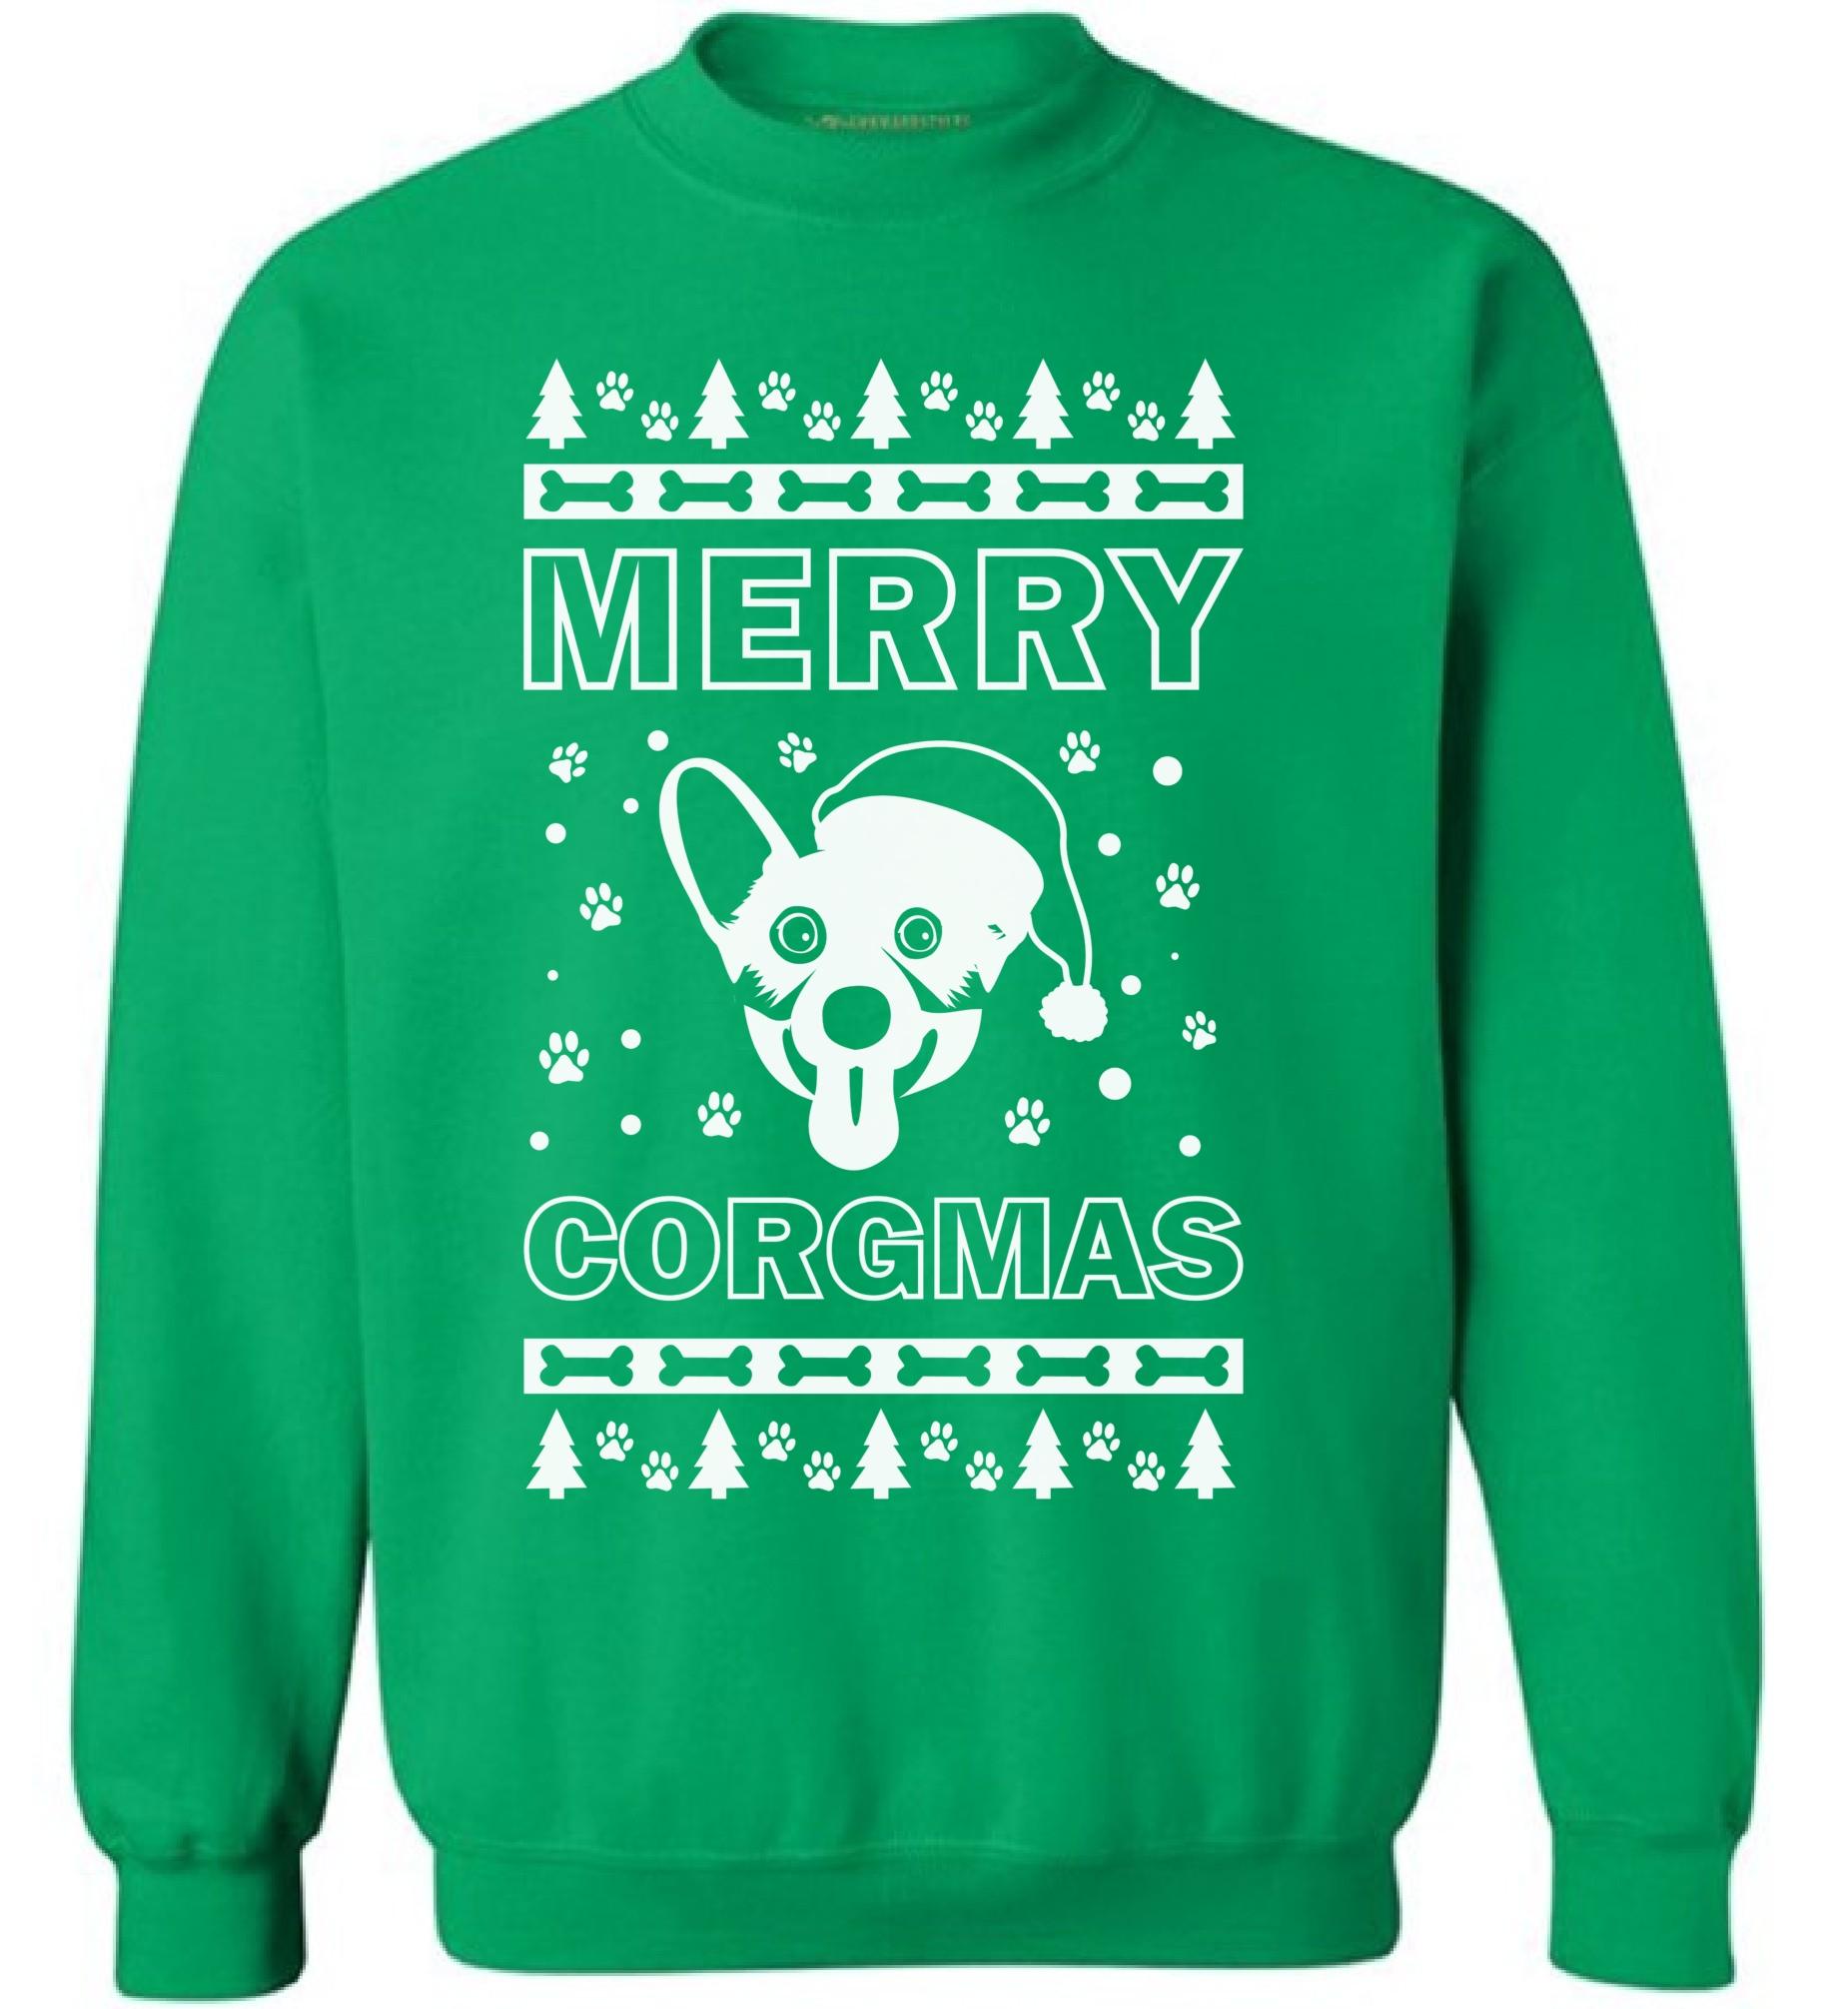 merry corgmas sweatshirt corgi christmas sweater xmas corgi